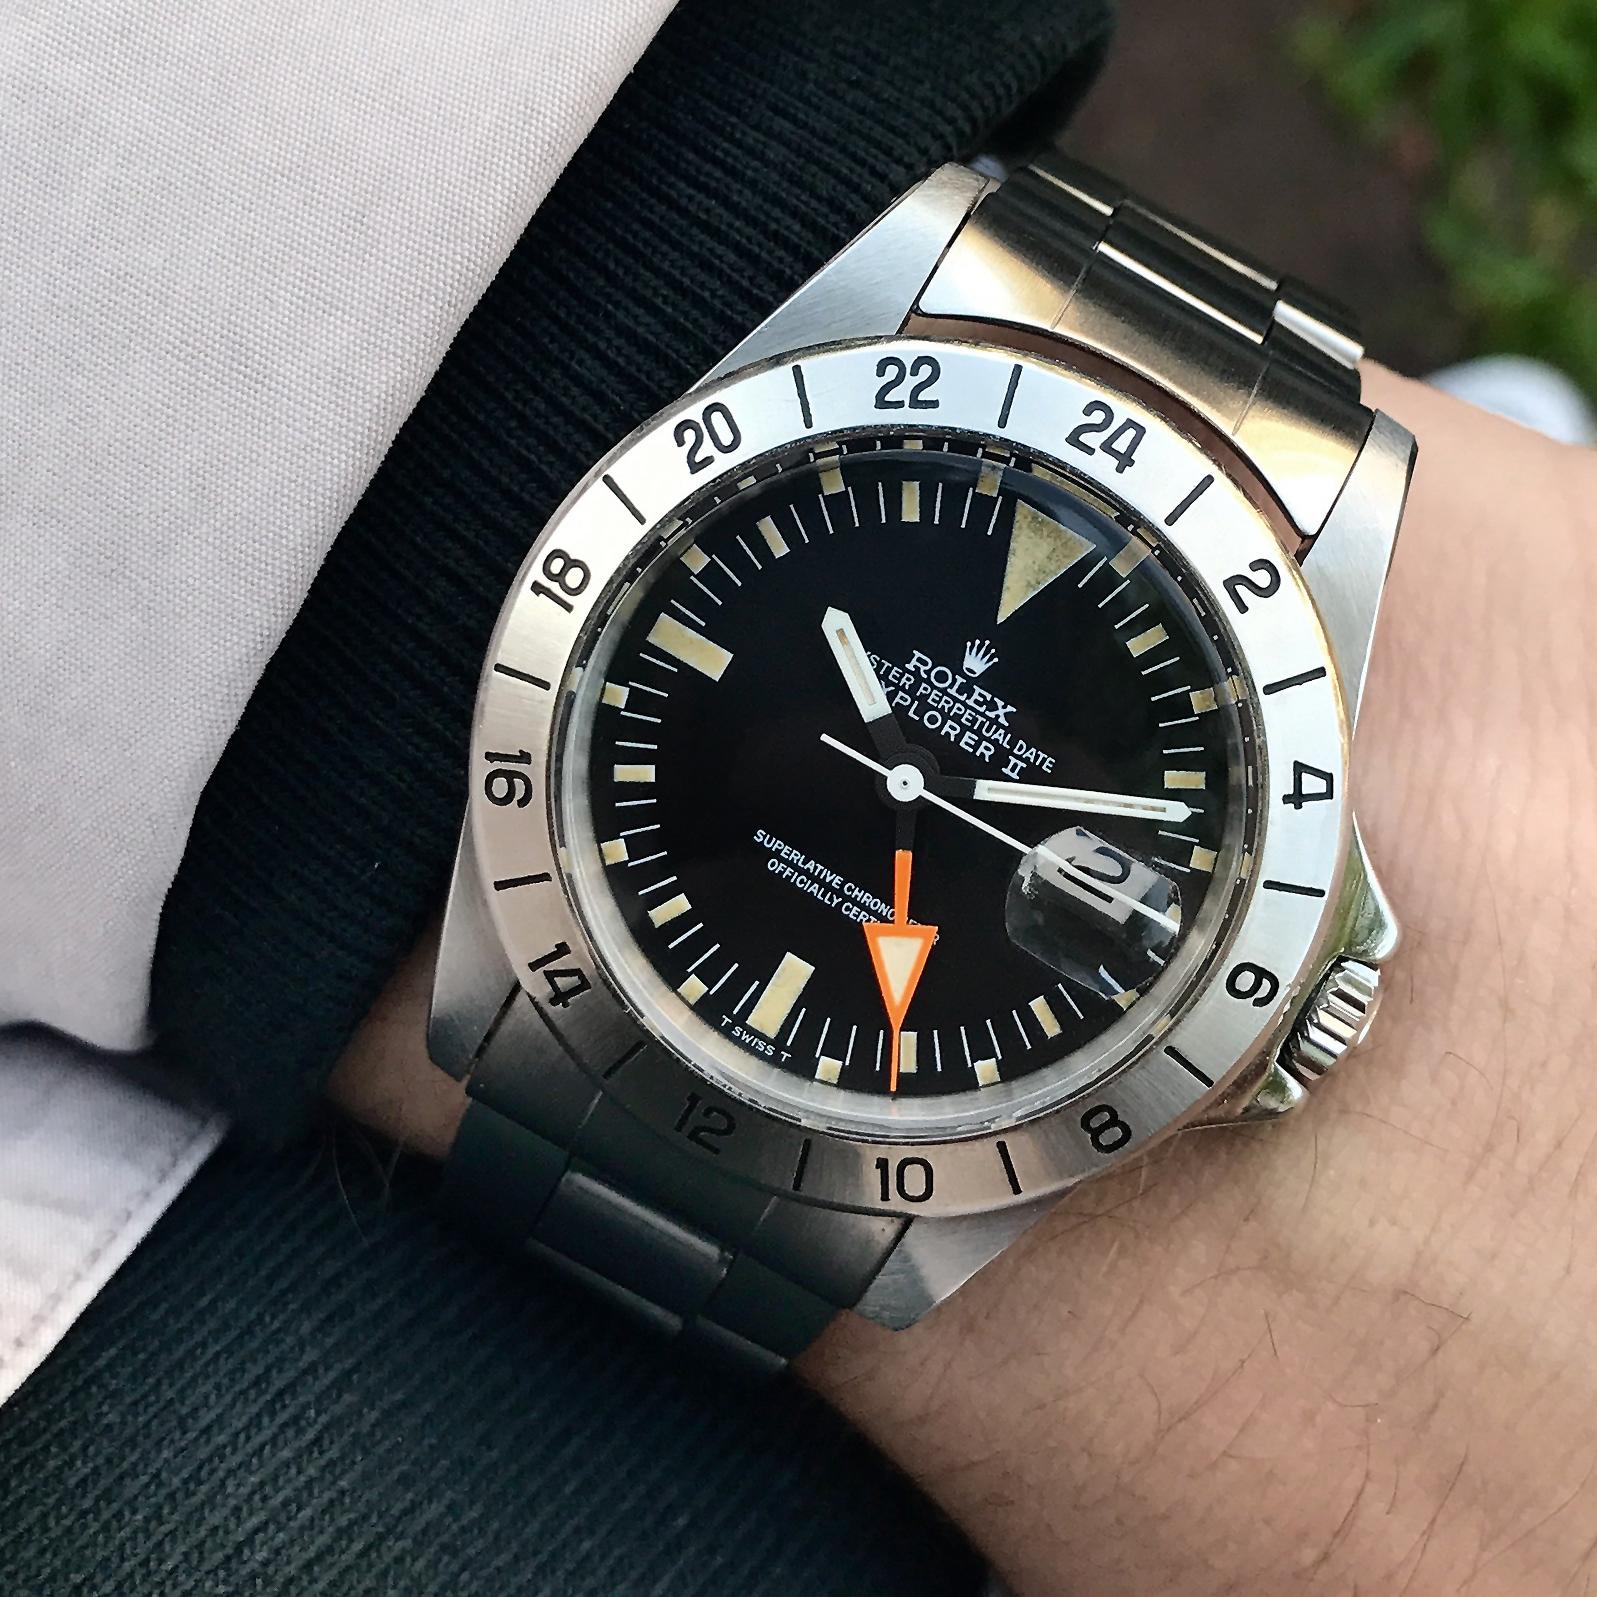 Rolex Explorer II 226570